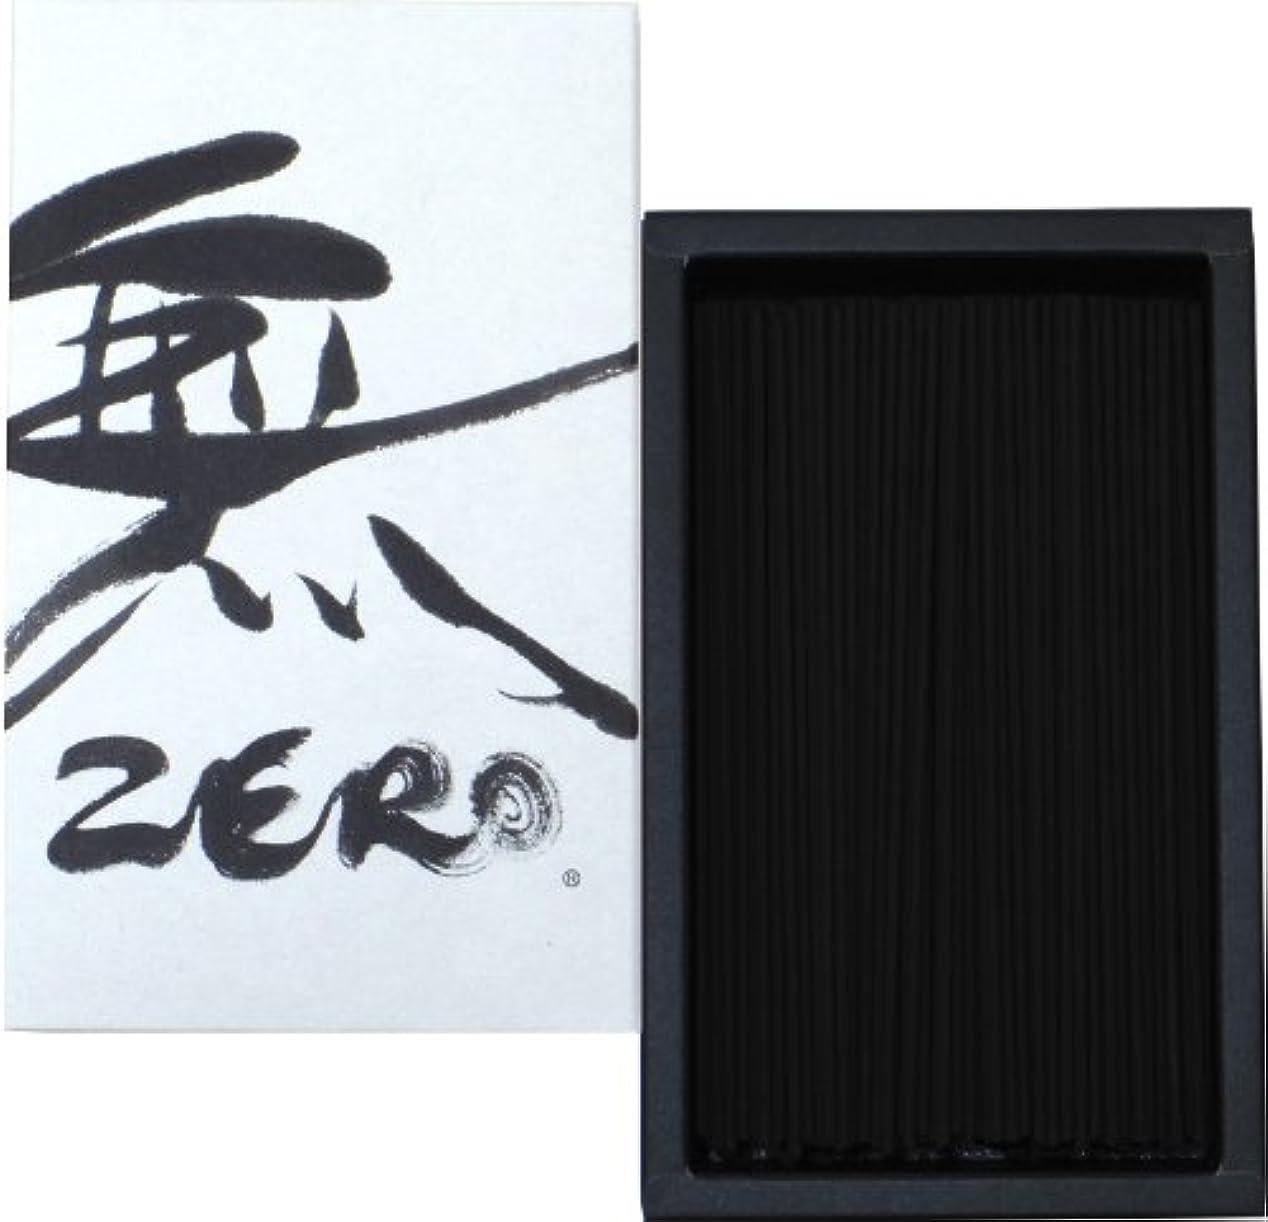 リスおなじみのうねる丸叶むらたのお線香 無 ZERO(ゼロ)大バラ 約160g #ZR-01